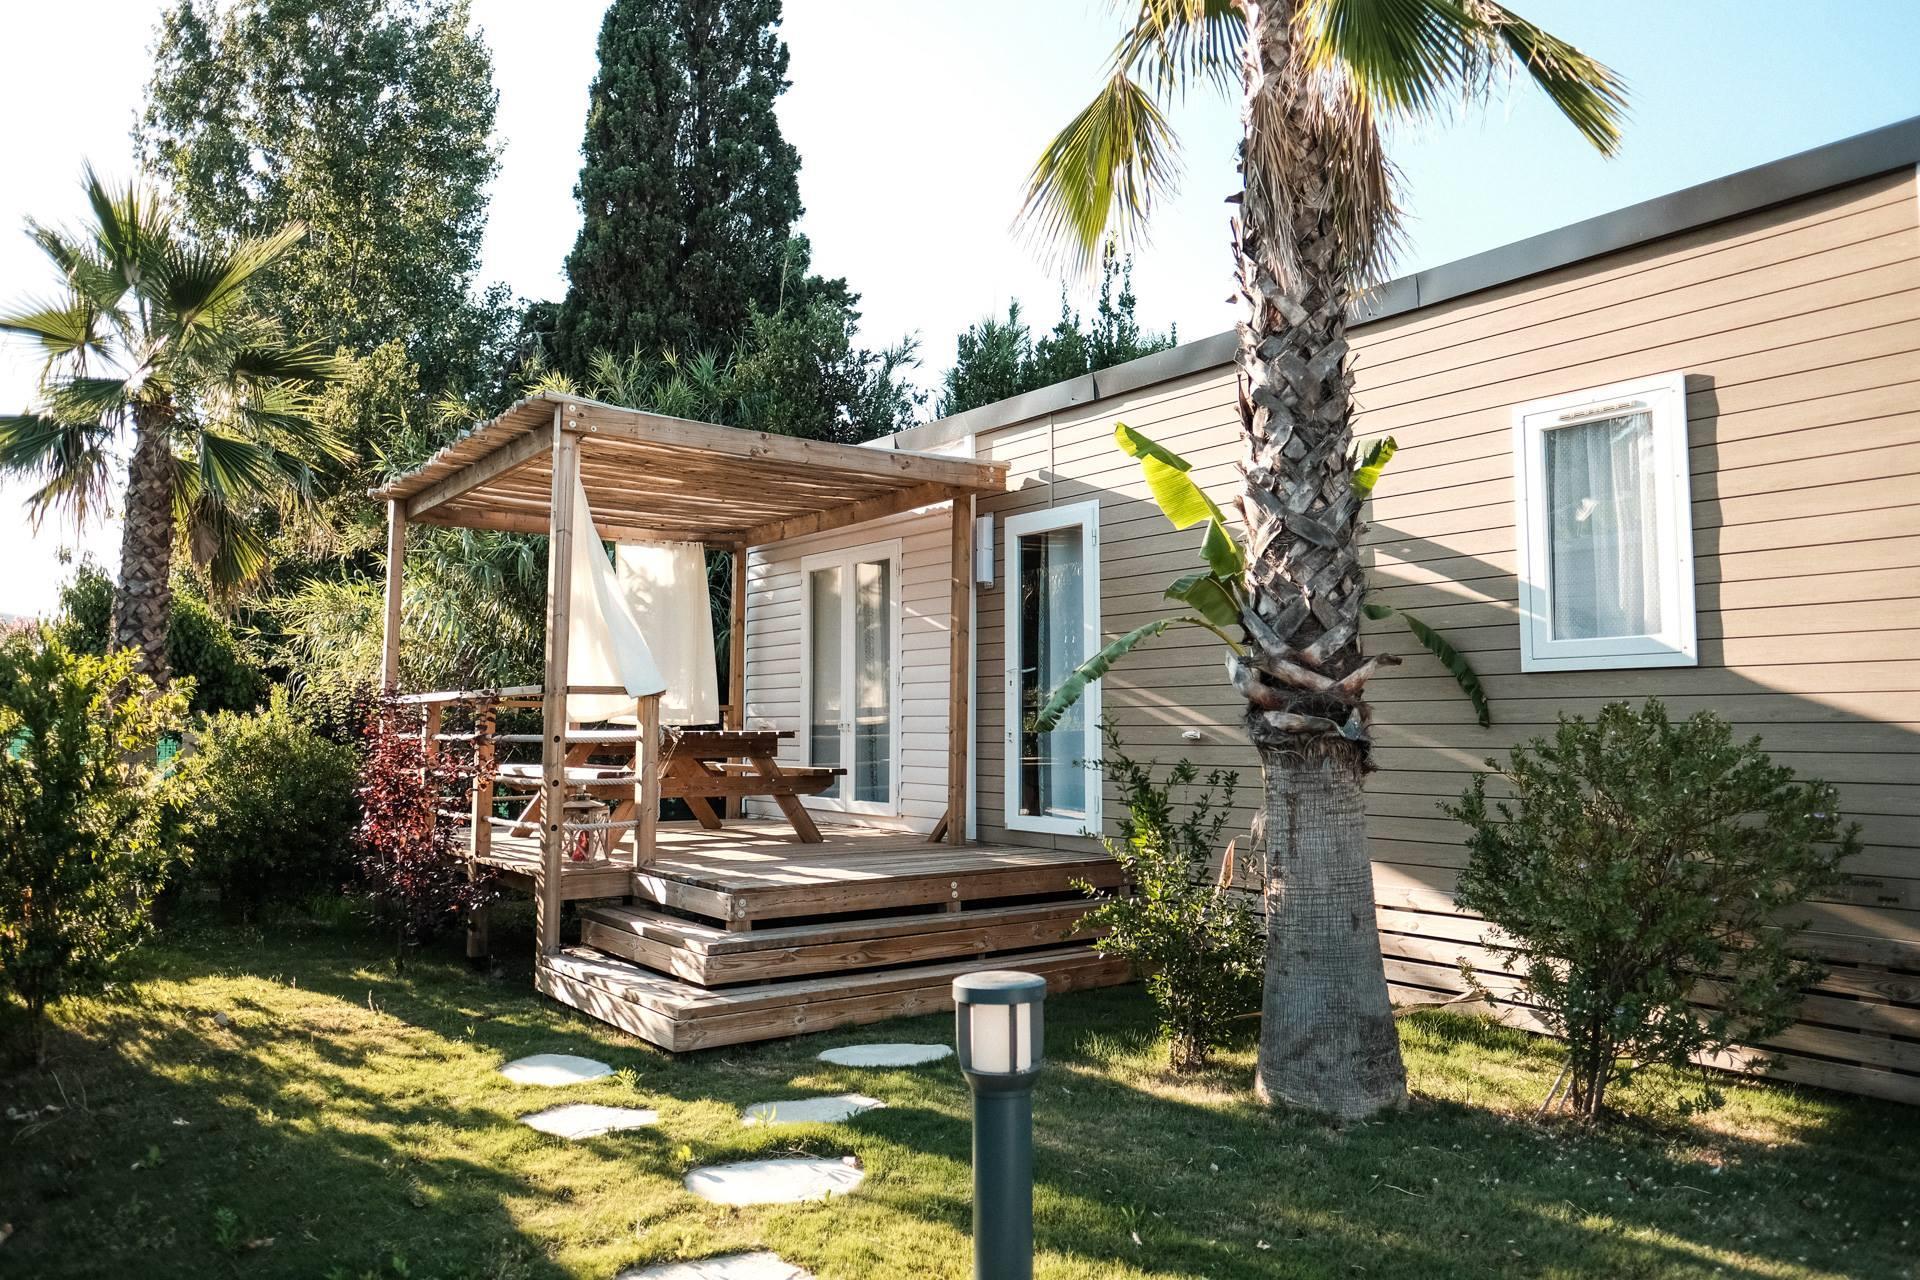 Camping Hello Summer Inn, Valras-Plage, Hérault